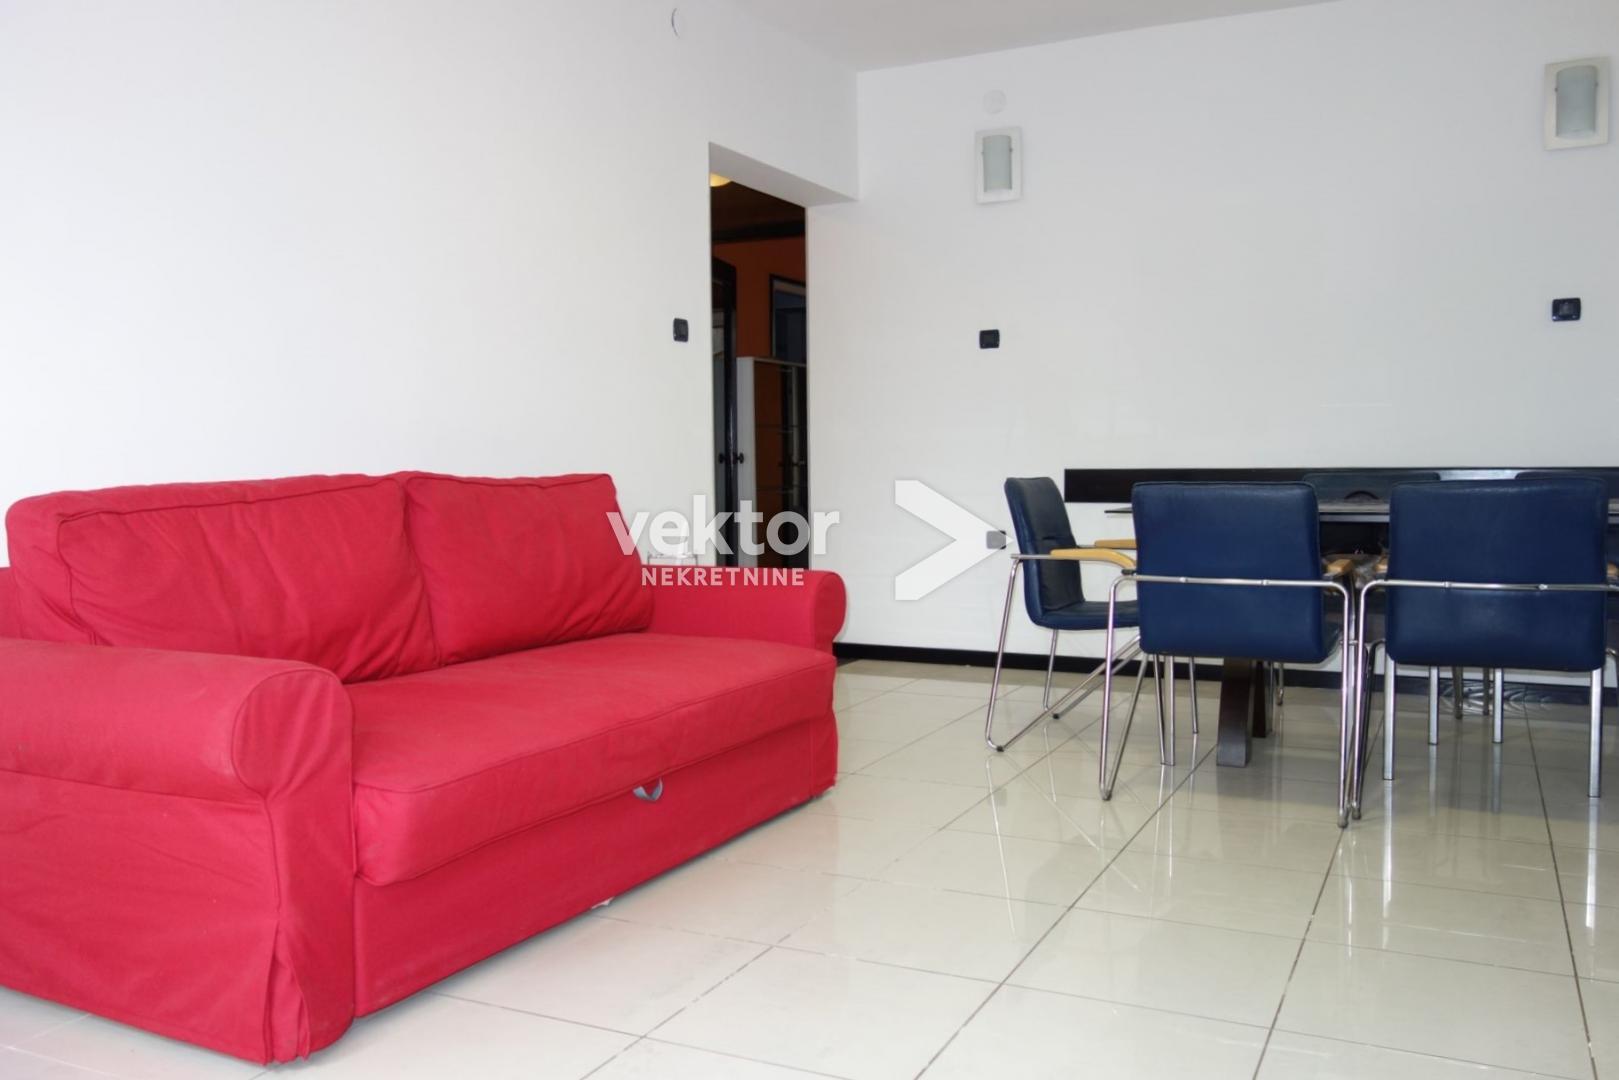 Gornja Vežica, dva stana, garaža i okućnica